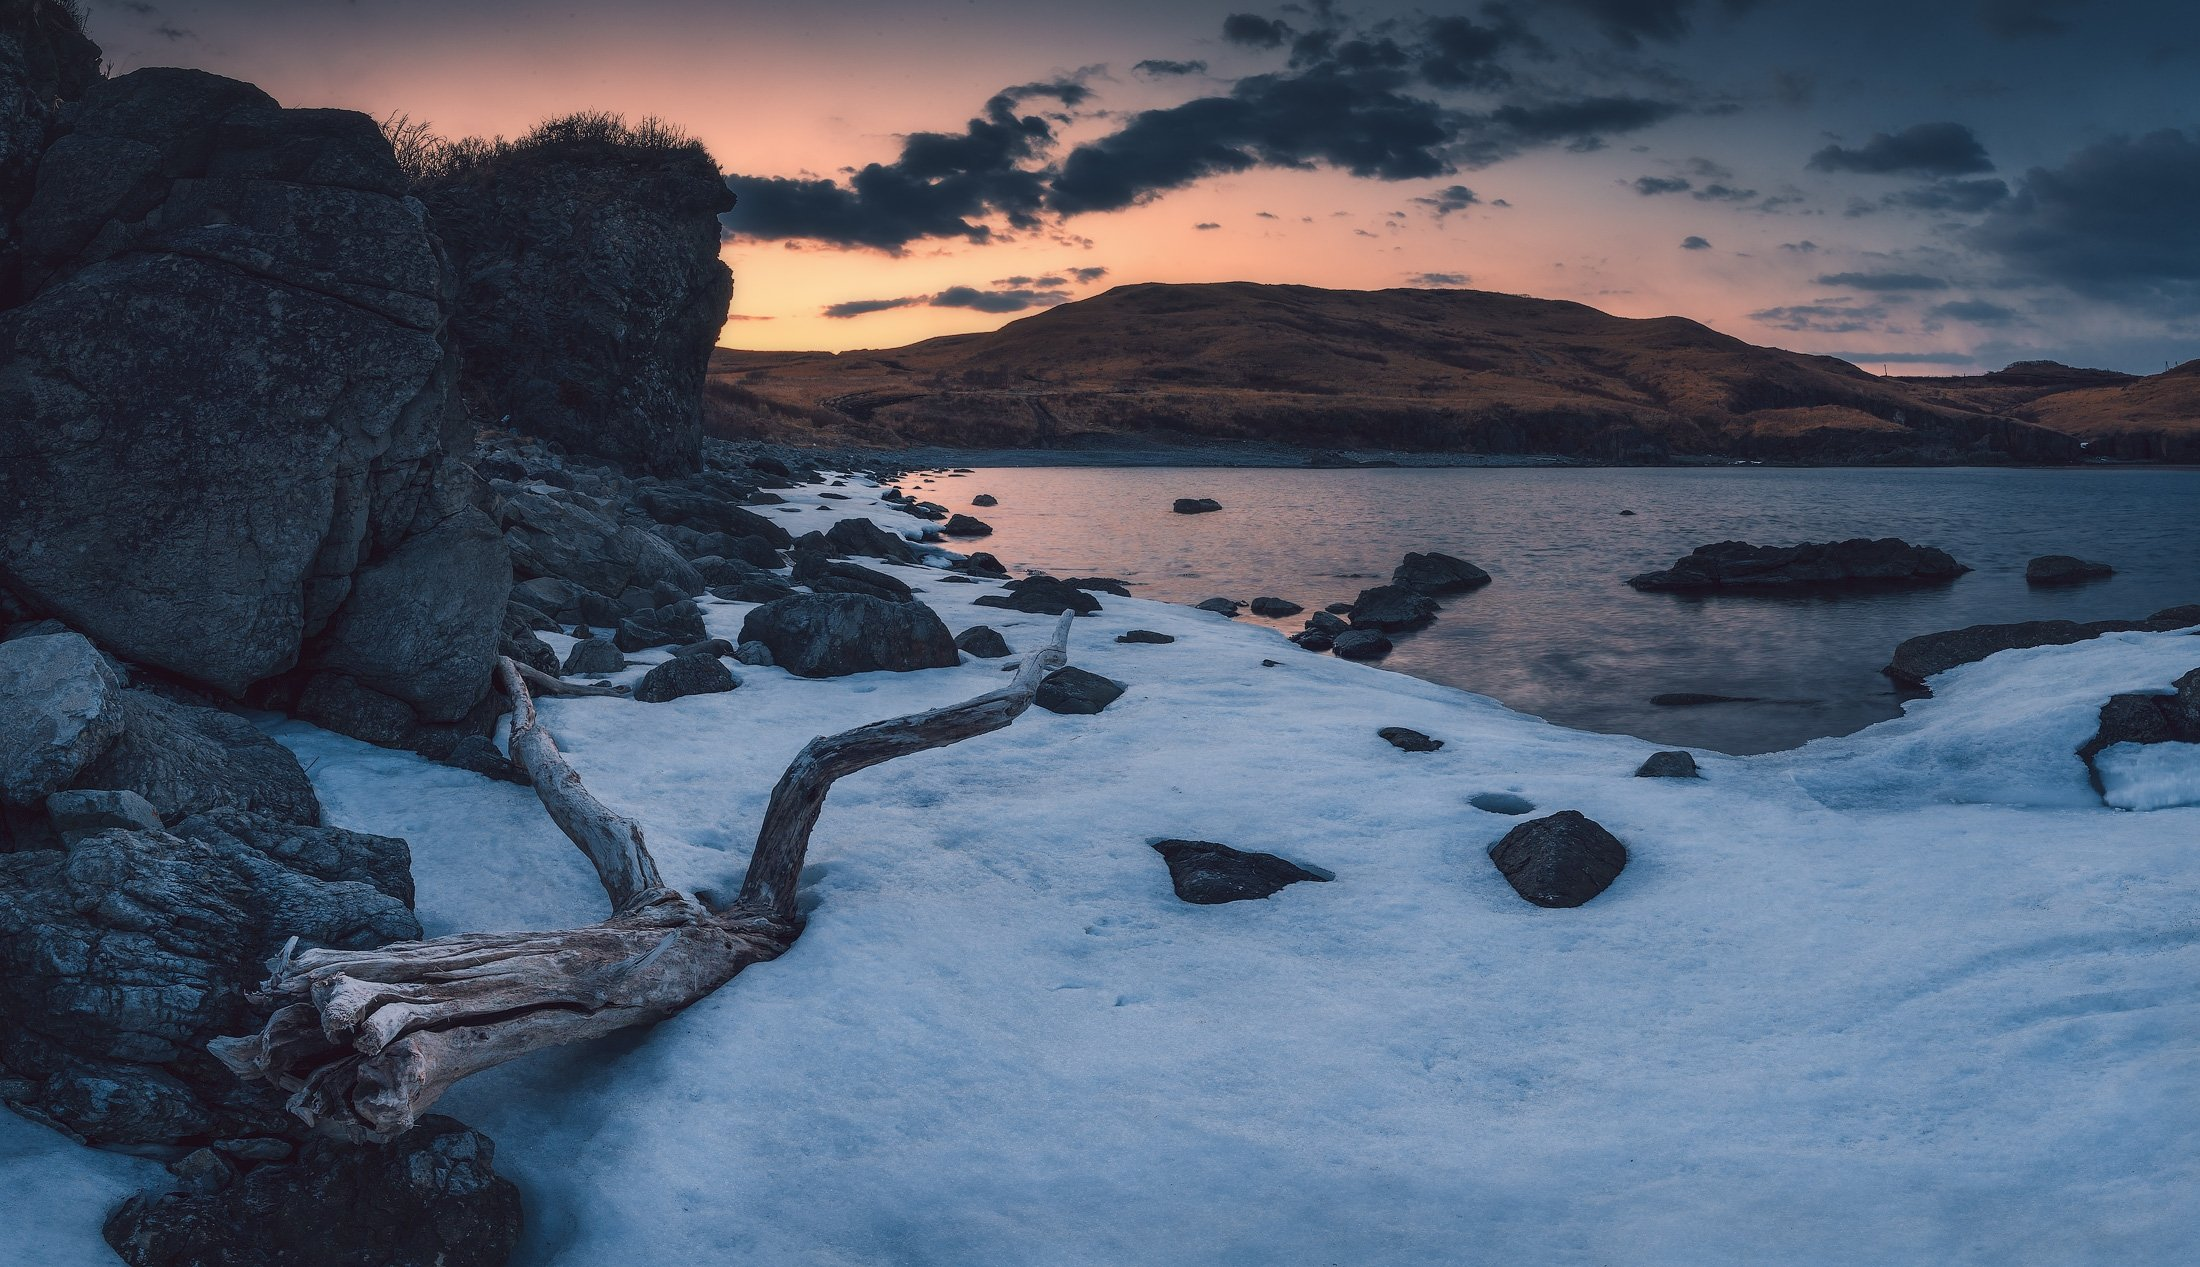 сумерки, весна, море, лёд, скалы, Андрей Кровлин